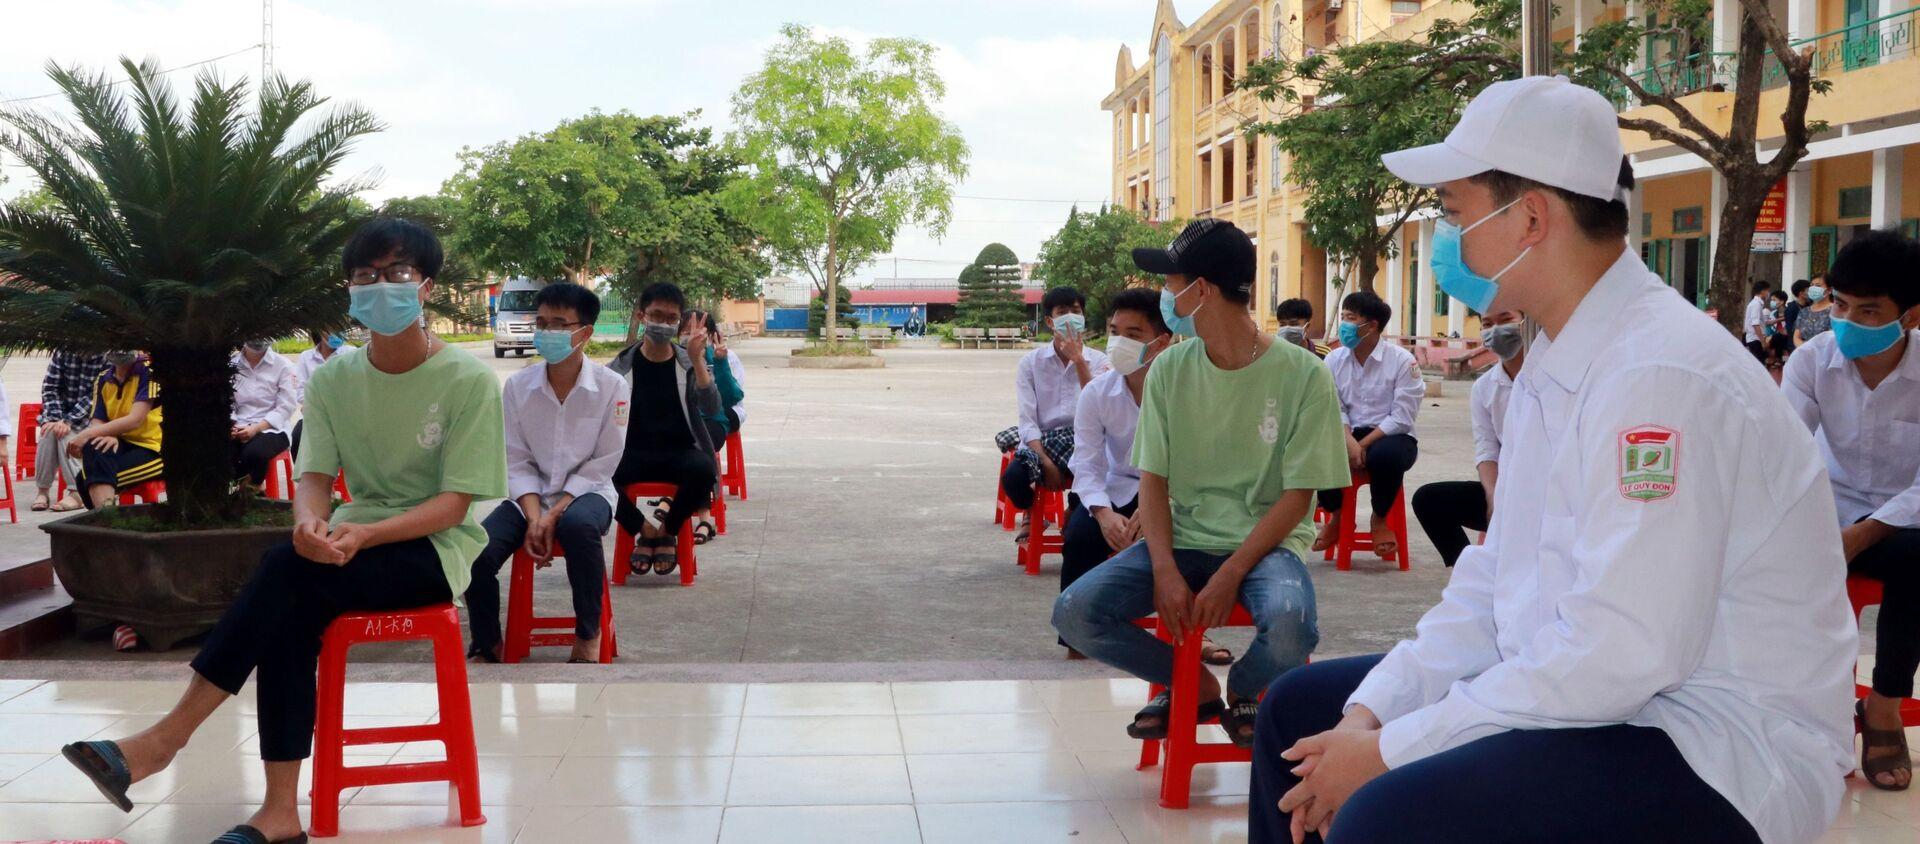 COVID-19: Xét nghiệm cho hơn 1.000 giáo viên và học sinh ở Nam Định - Sputnik Việt Nam, 1920, 14.05.2021